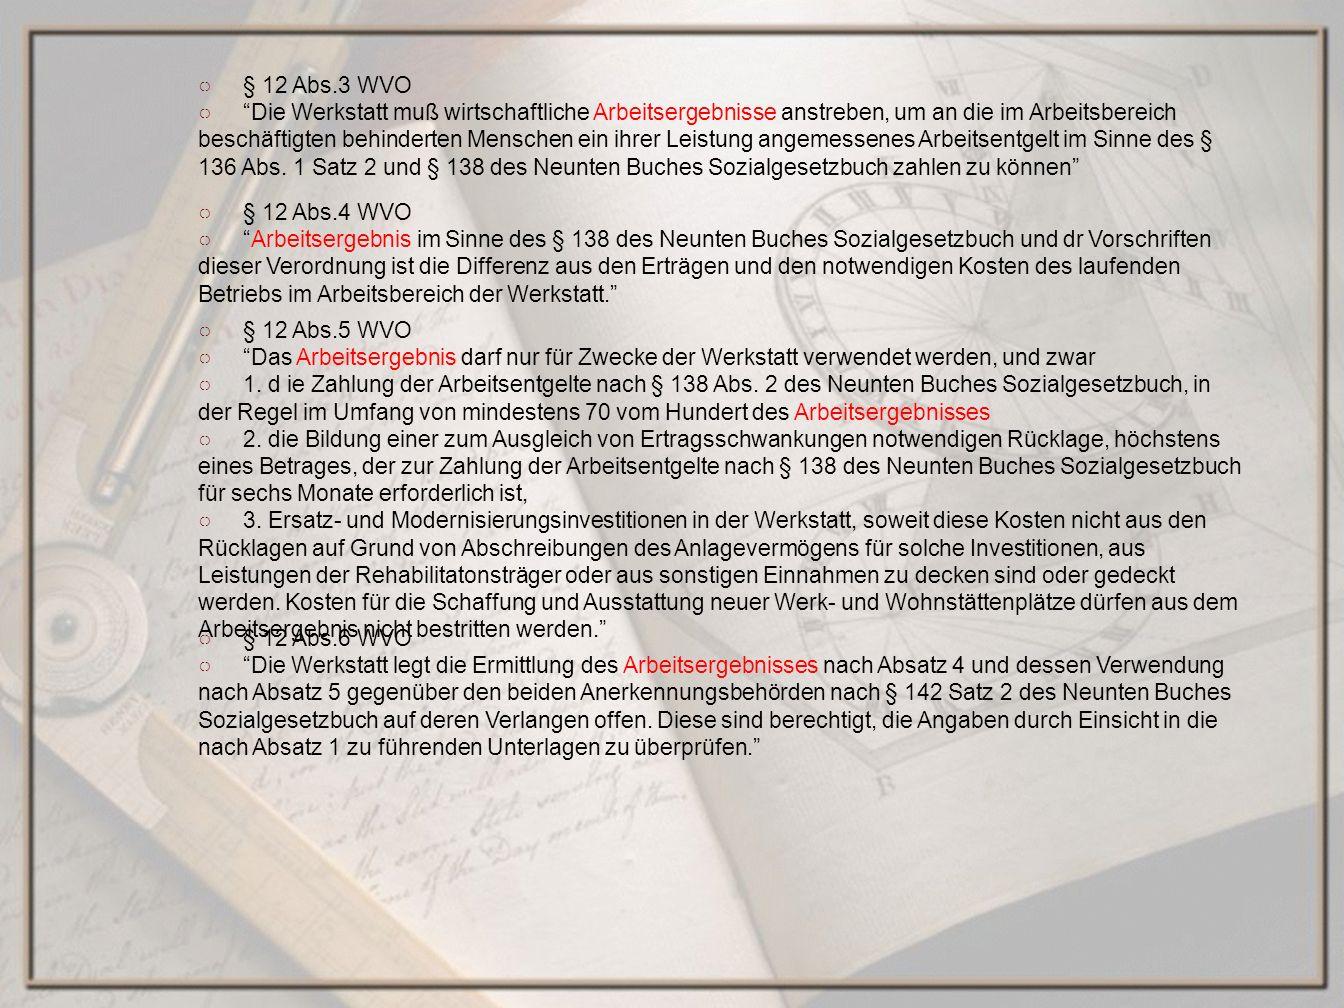 § 12 Abs.3 WVO Die Werkstatt muß wirtschaftliche Arbeitsergebnisse anstreben, um an die im Arbeitsbereich beschäftigten behinderten Menschen ein ihrer